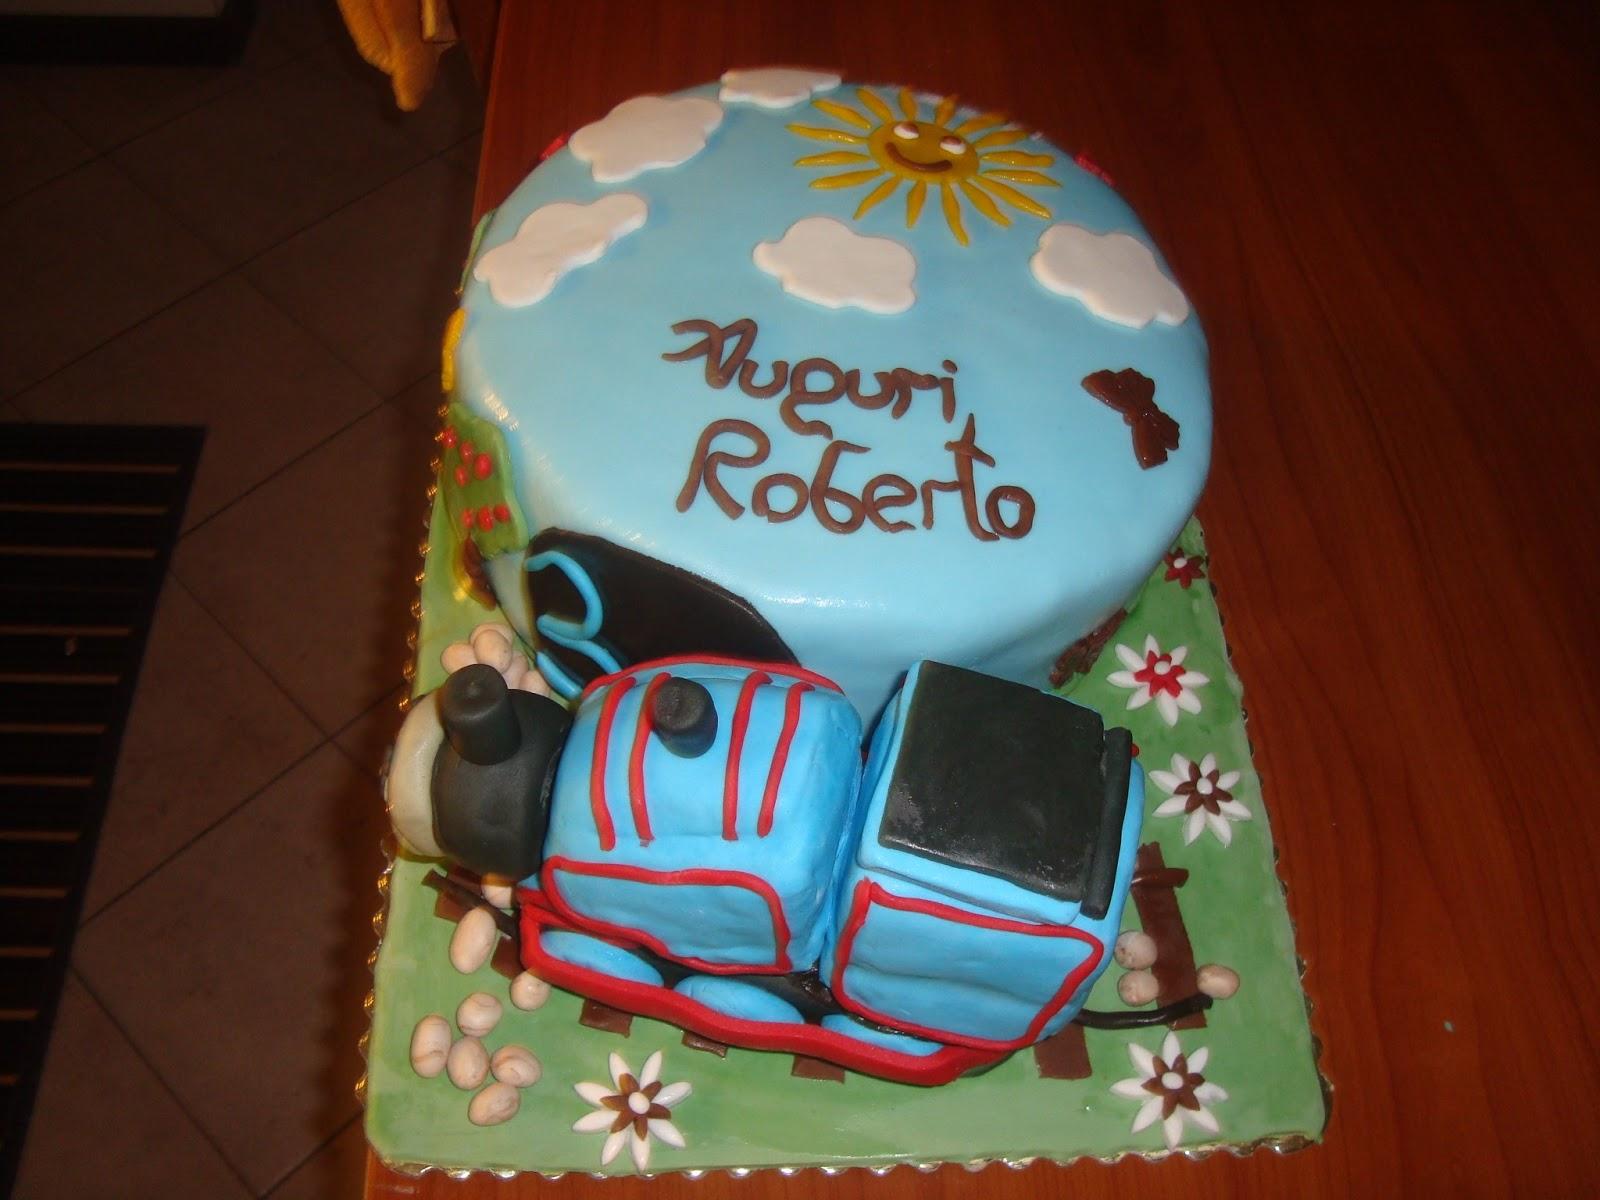 Le torte di mari torta per il compleanno di roberto for Decorazioni torte trenino thomas